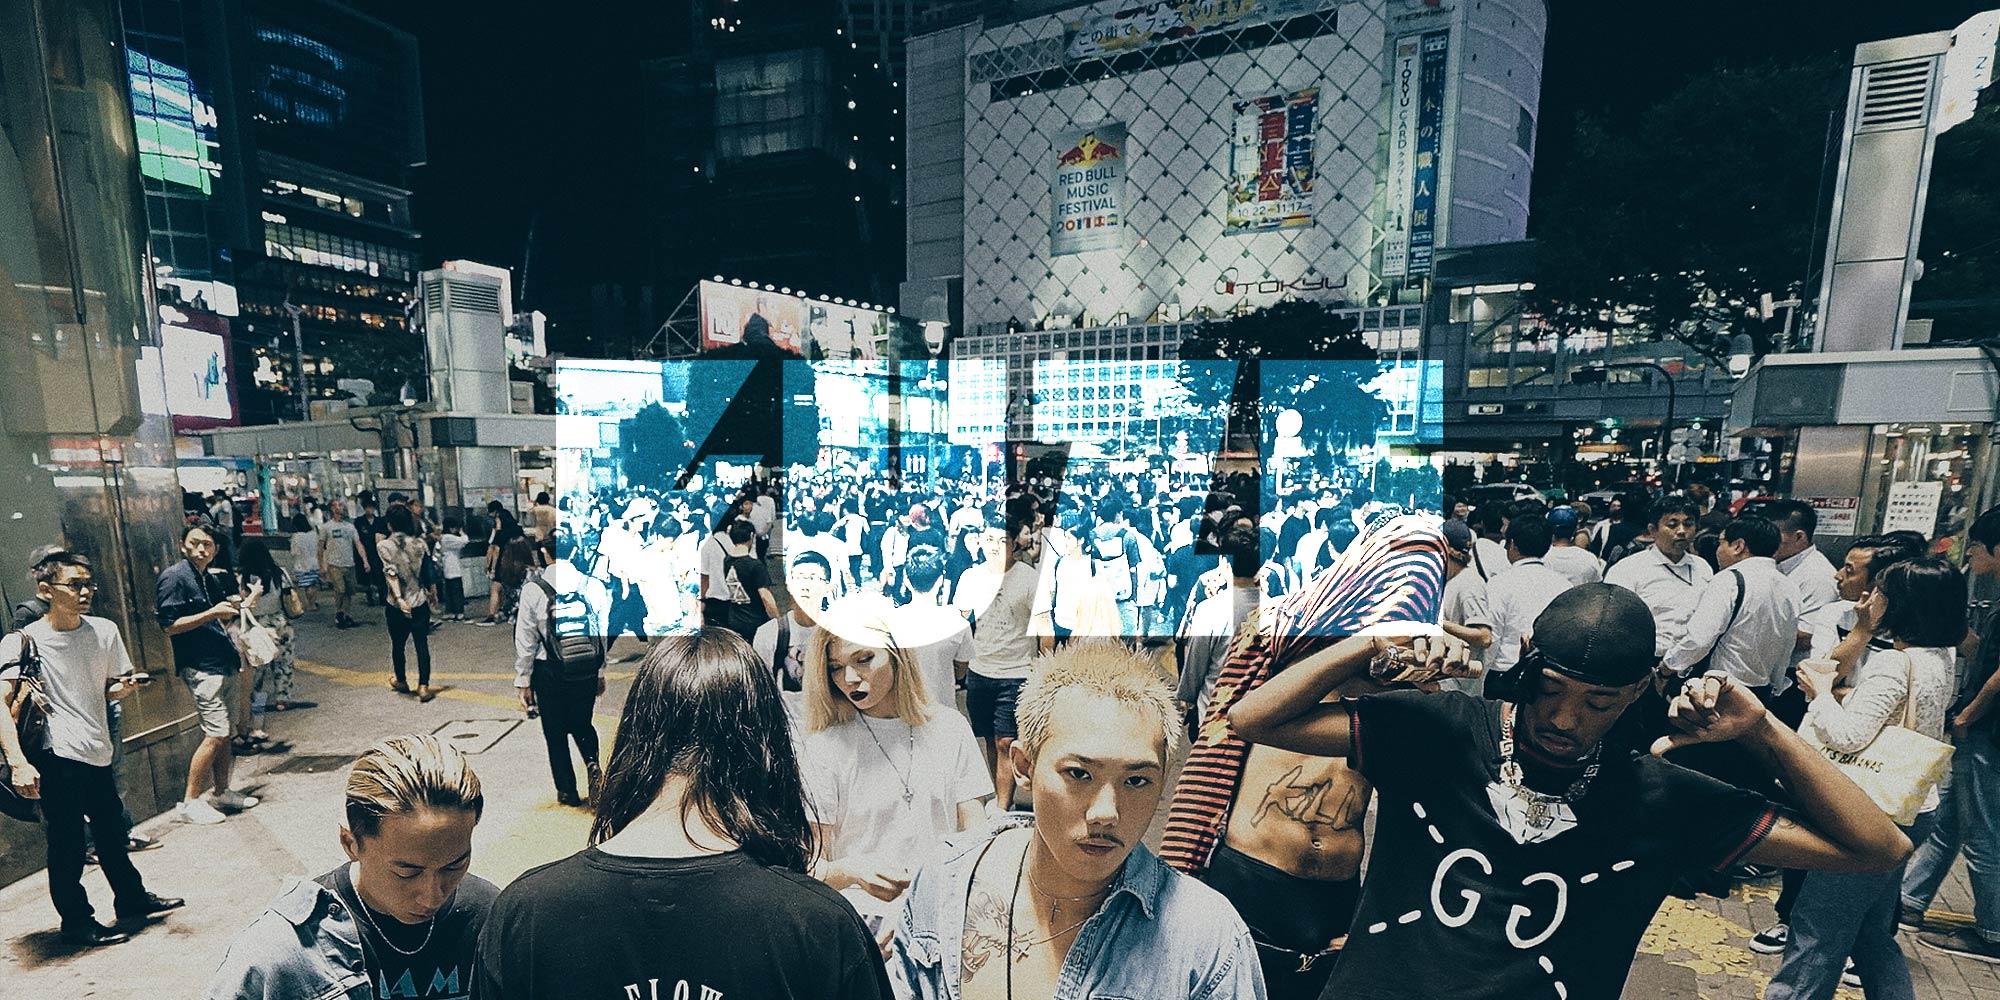 渋谷カルチャーというゲームを制する切り札はどこに隠れている?